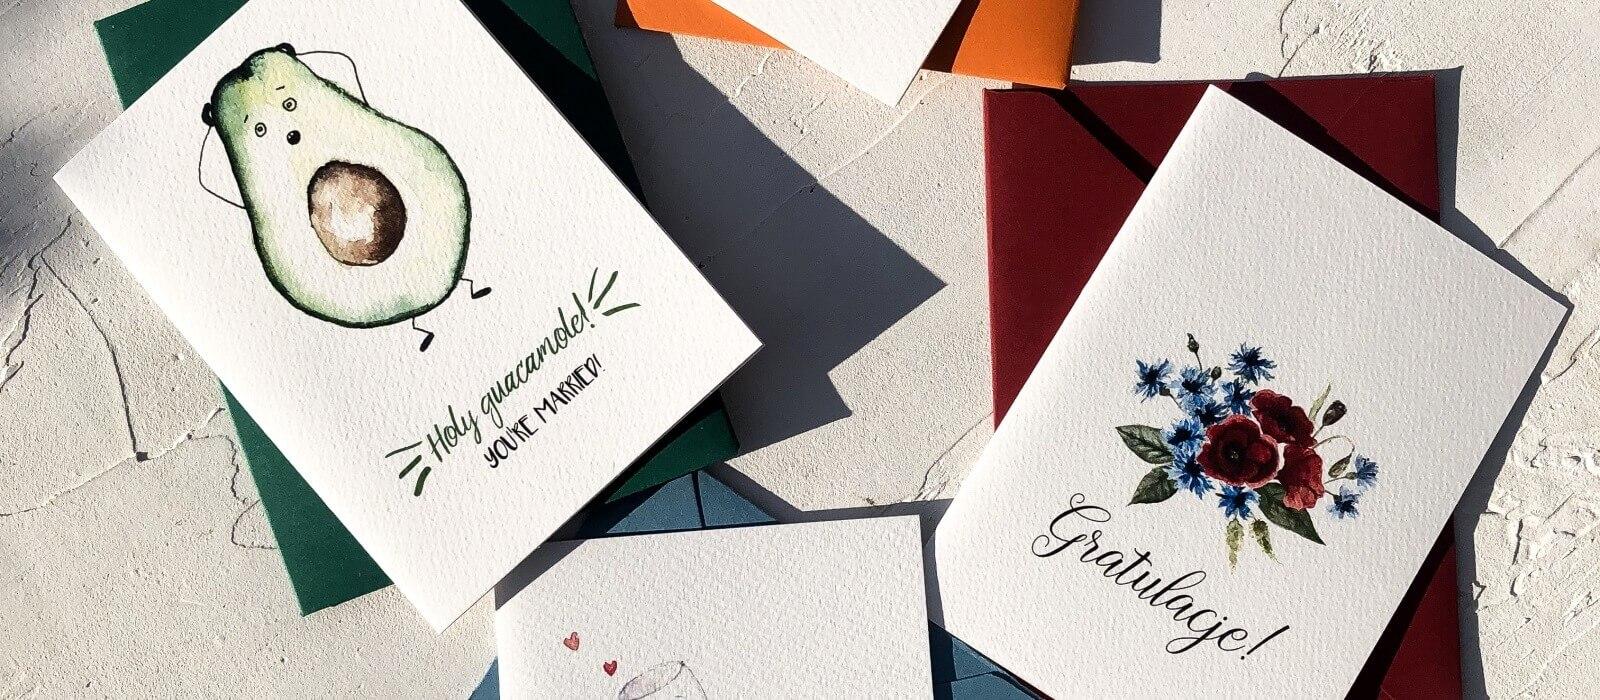 Zyczenia na slub - jak wybrac te odpowiednie Design Your Wedding